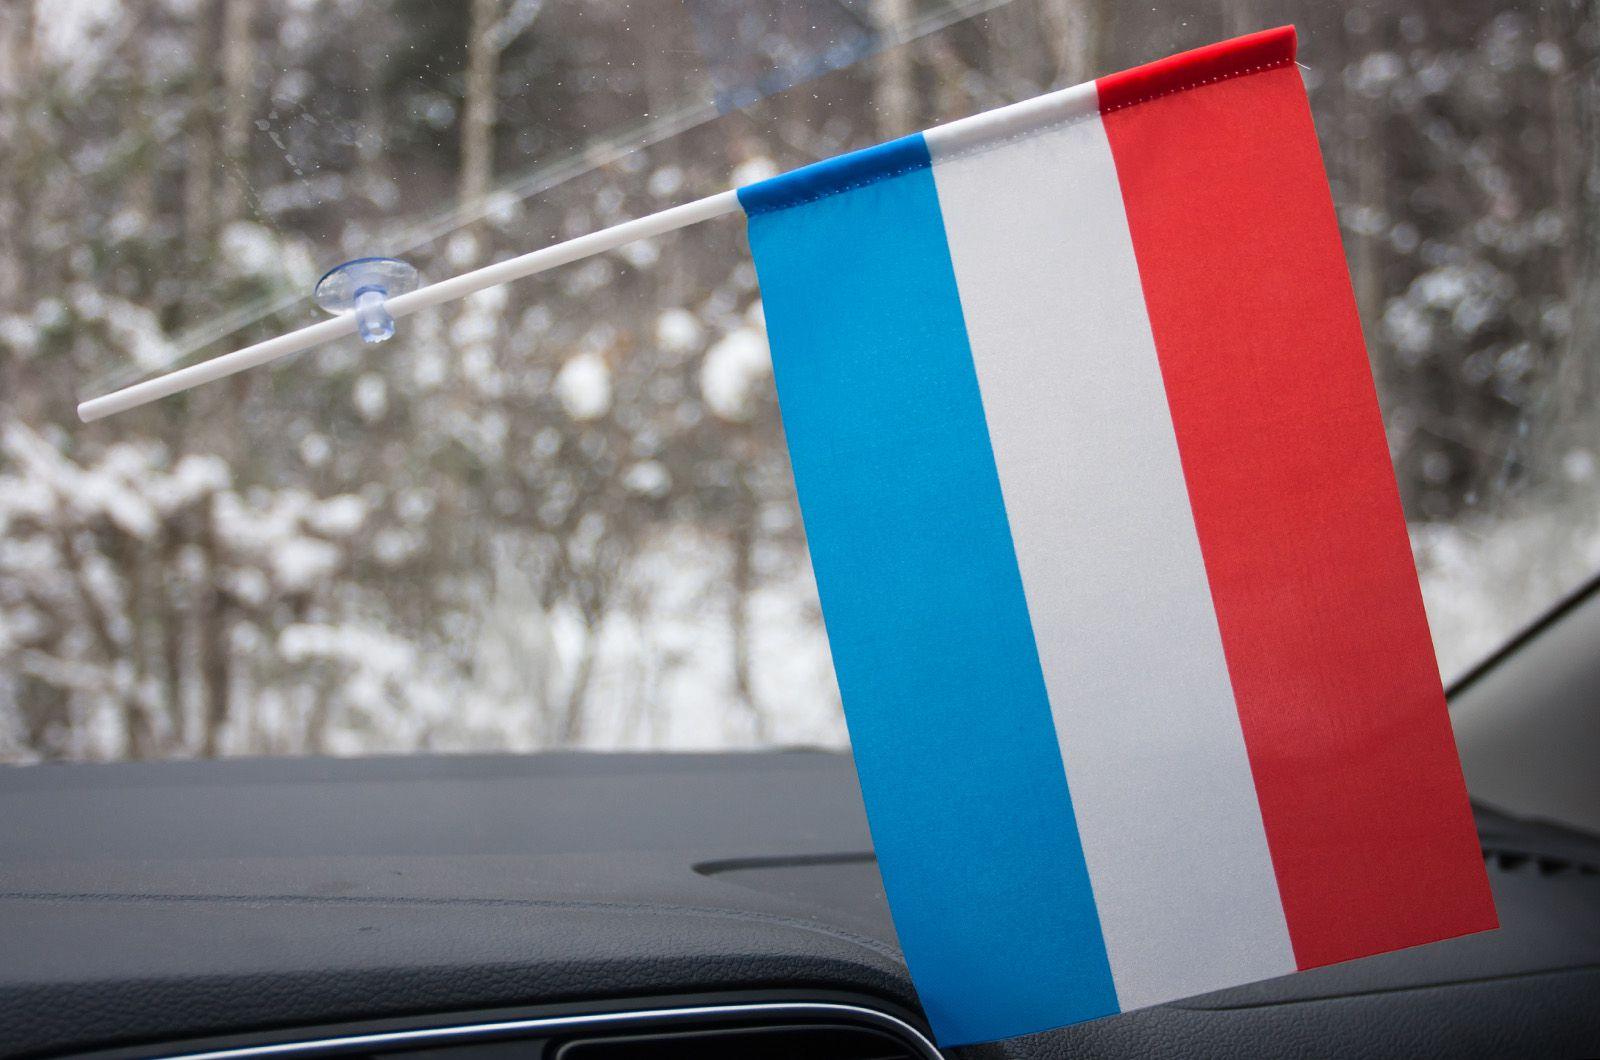 Флажок Люксембурга в машину